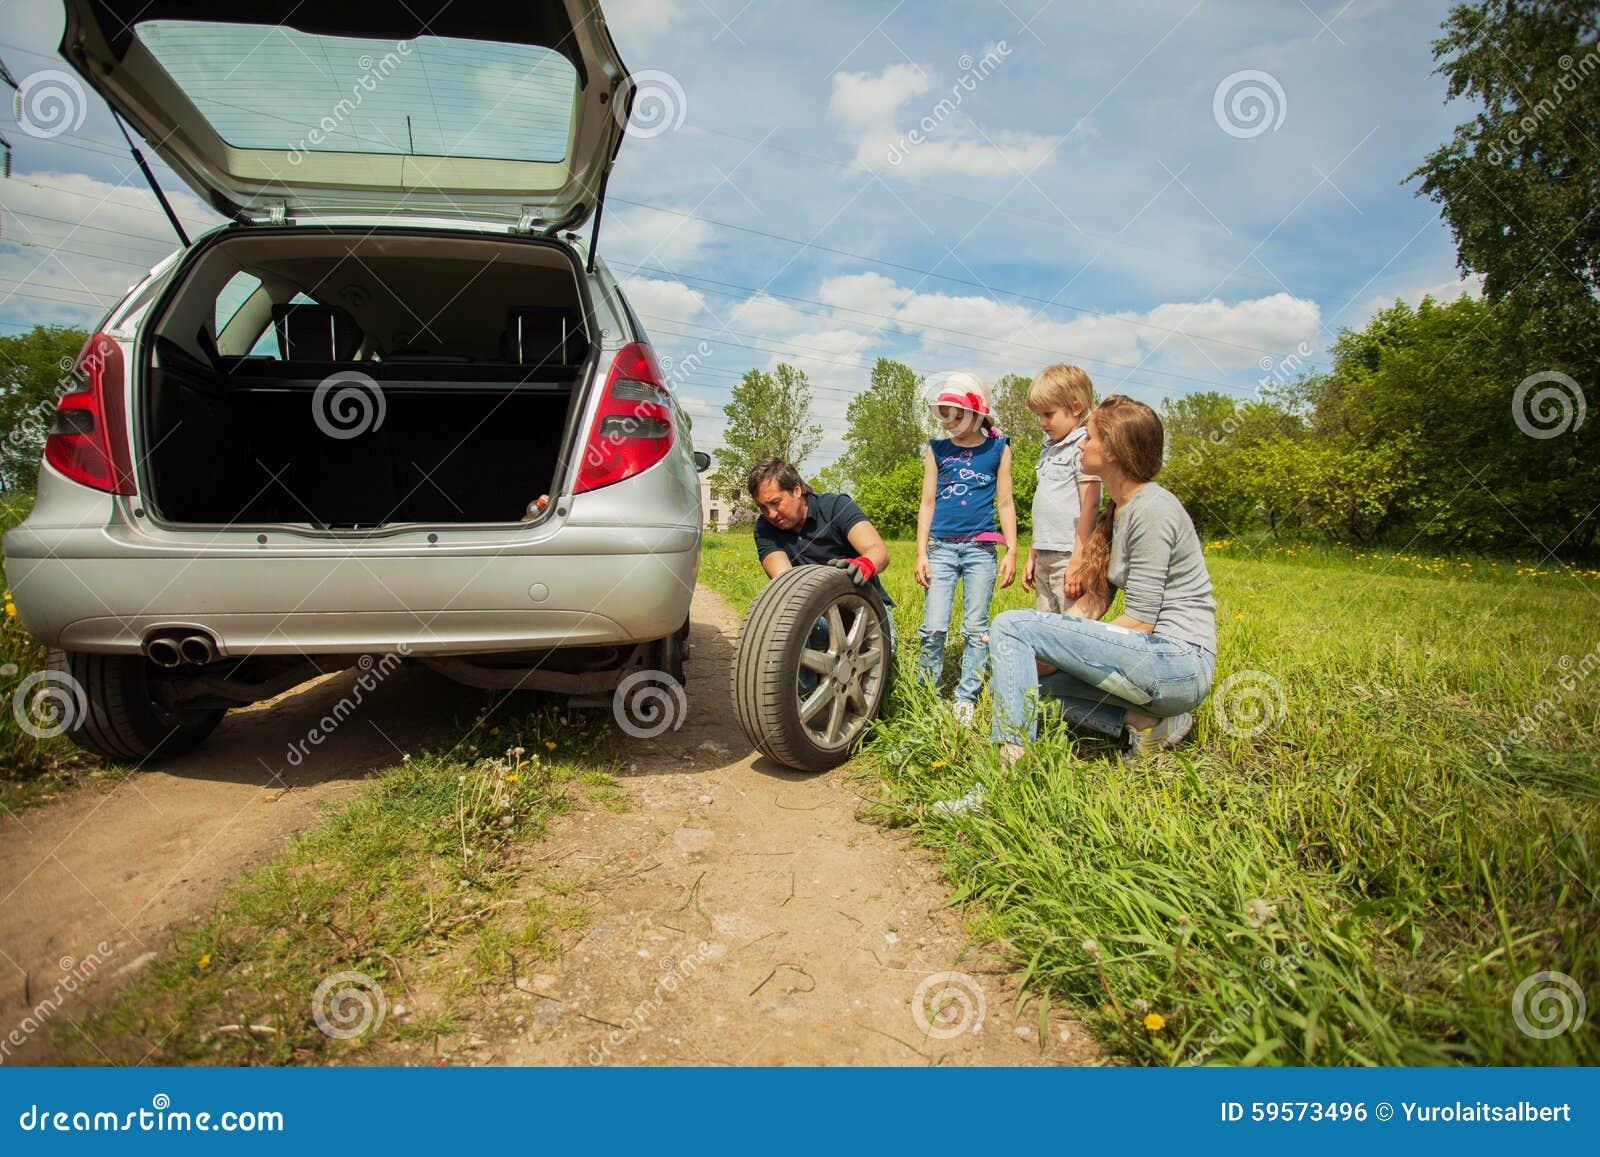 Kid Car Video Breakdown